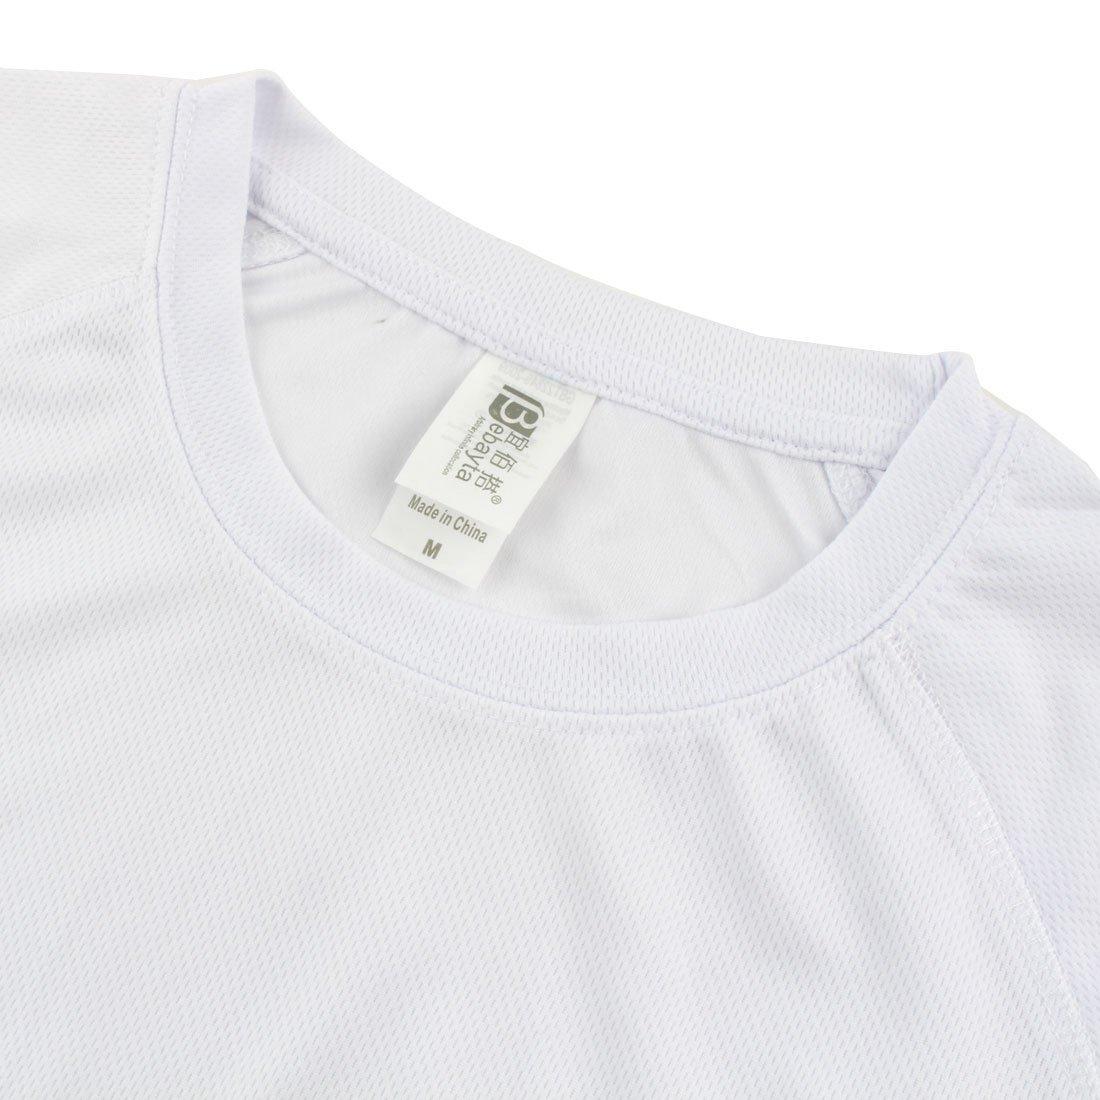 Amazon.com : eDealMax Hombres Ejercicio Publicidad, poliéster, secado rápido y transpirable de Manga Corta Deportes Camiseta, M/M (US 40) Blanca : Sports & ...